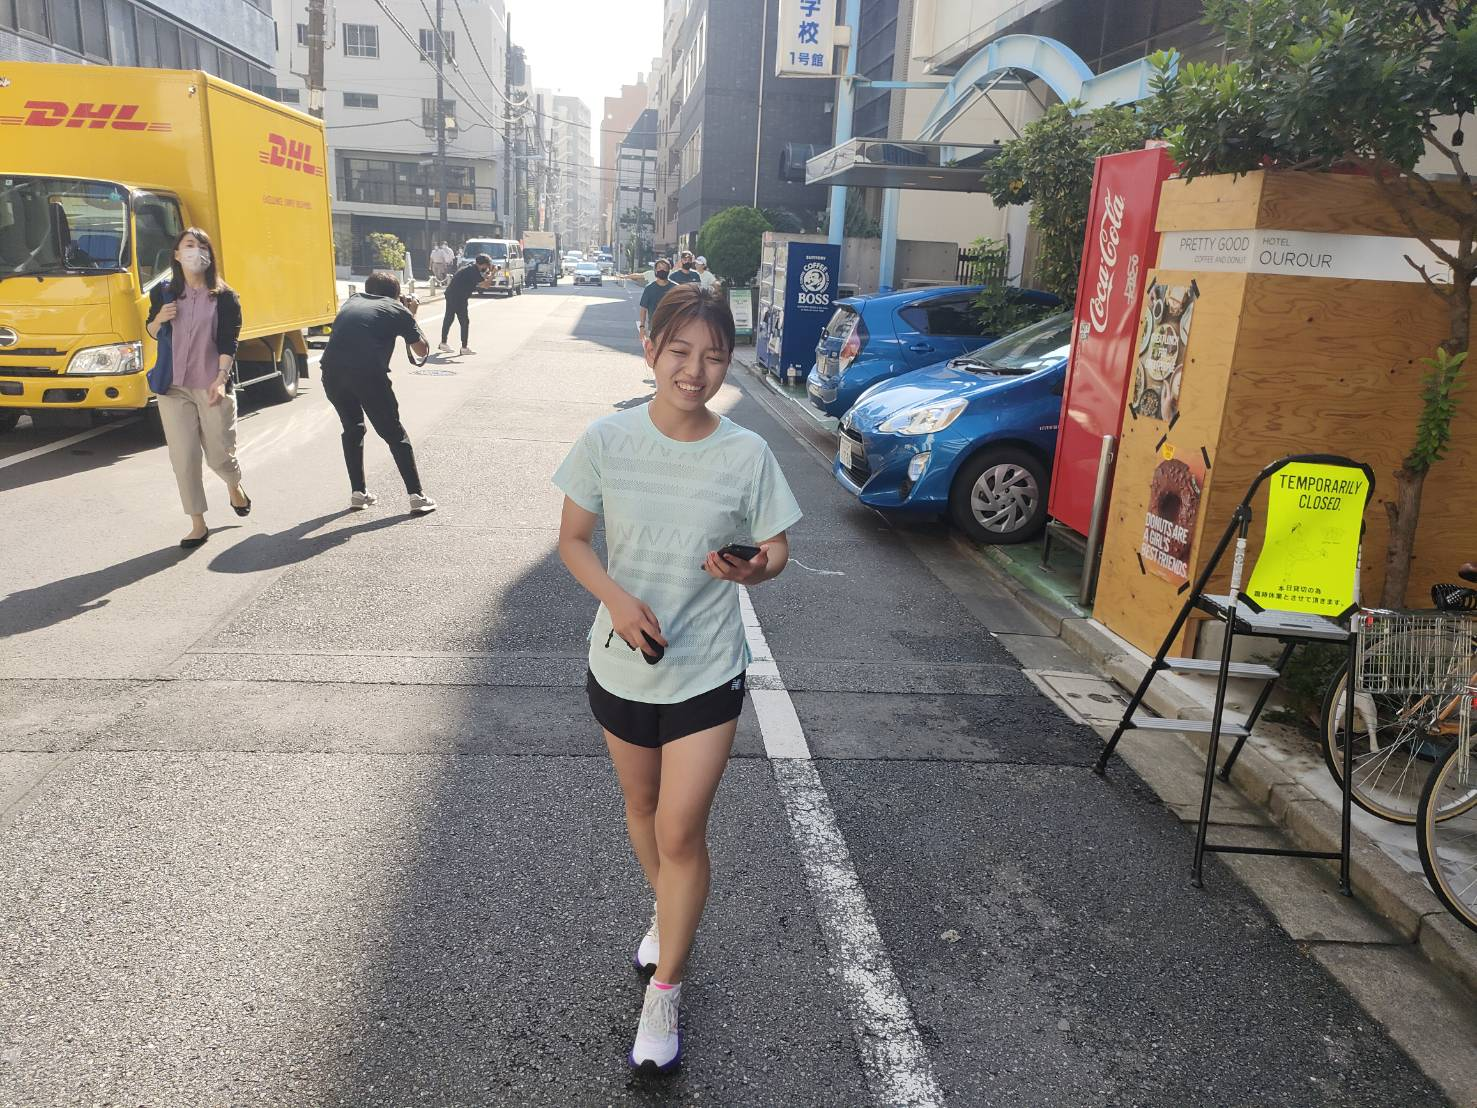 [RUN・東京]一から始めるフルマラソン 皇居10km走 2021年10月27日(水)